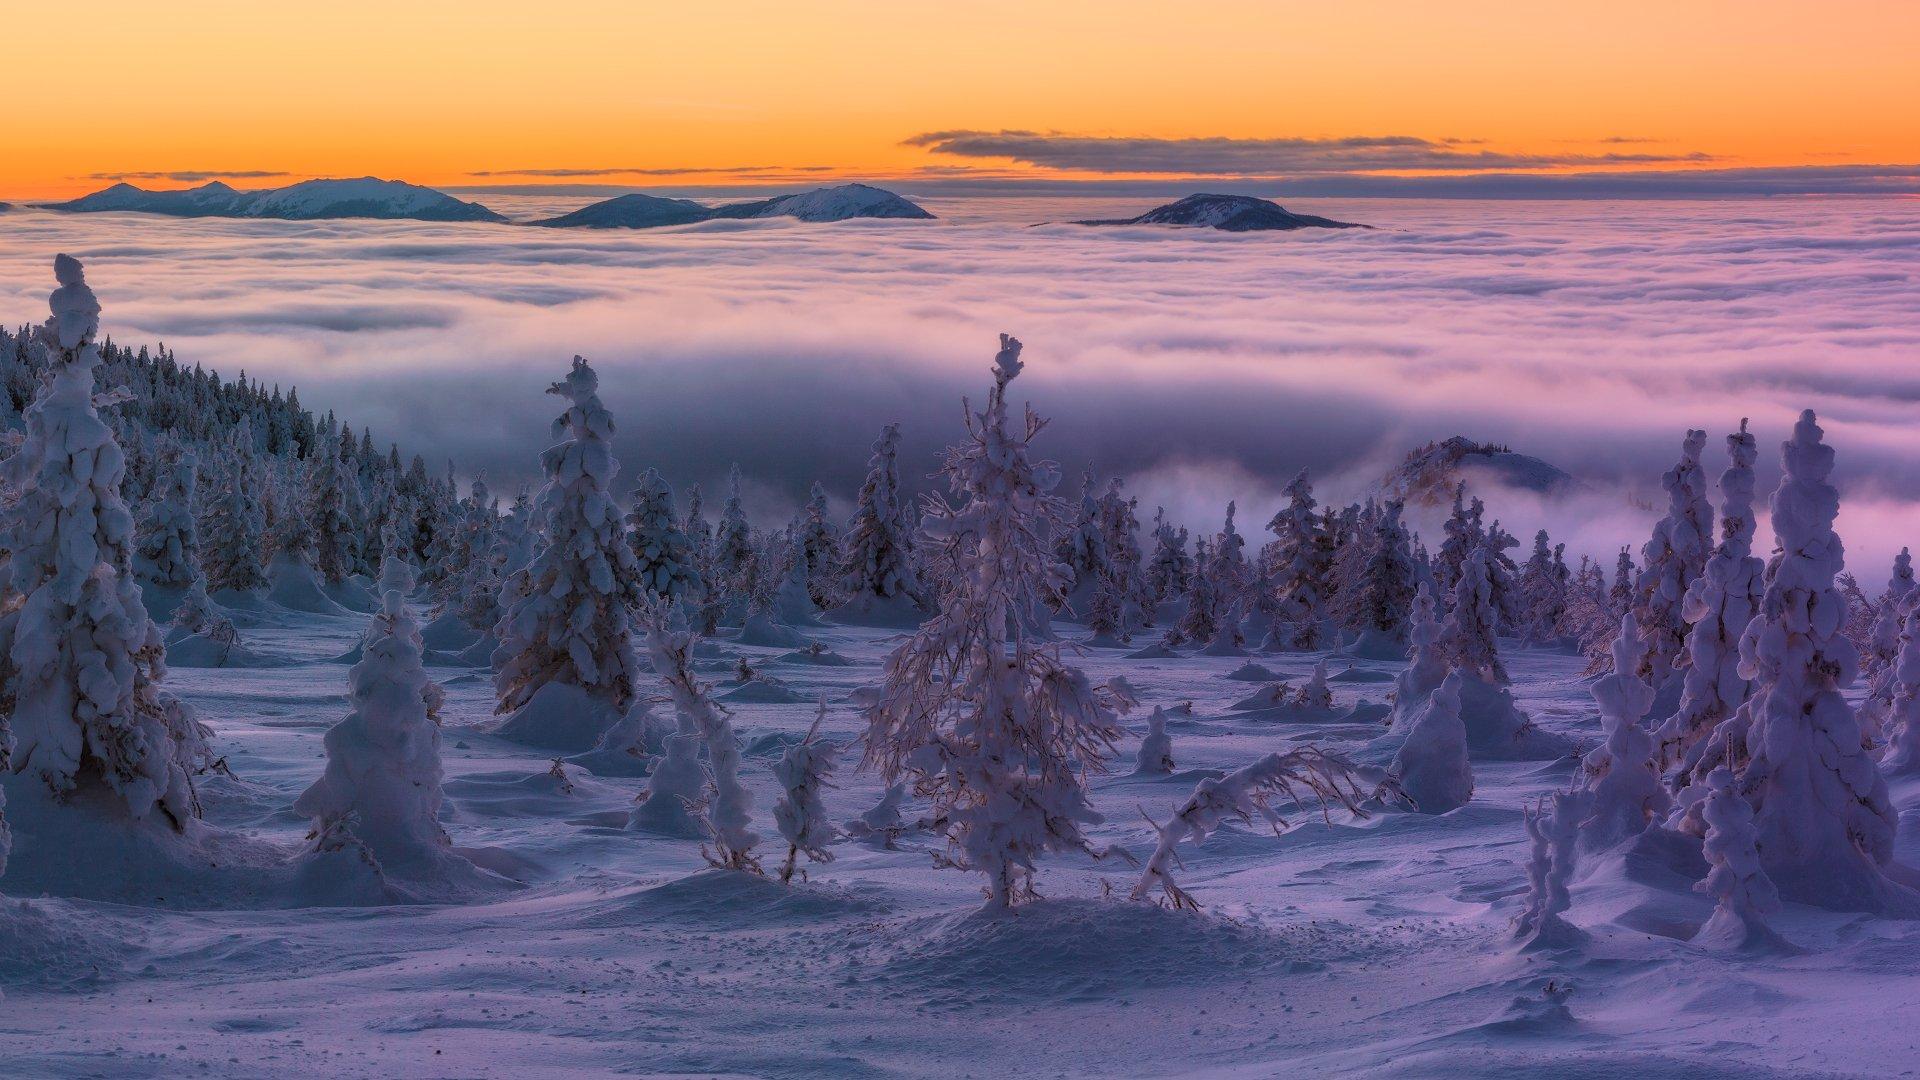 южный урал, зюраткуль, низкие облака, marateaman